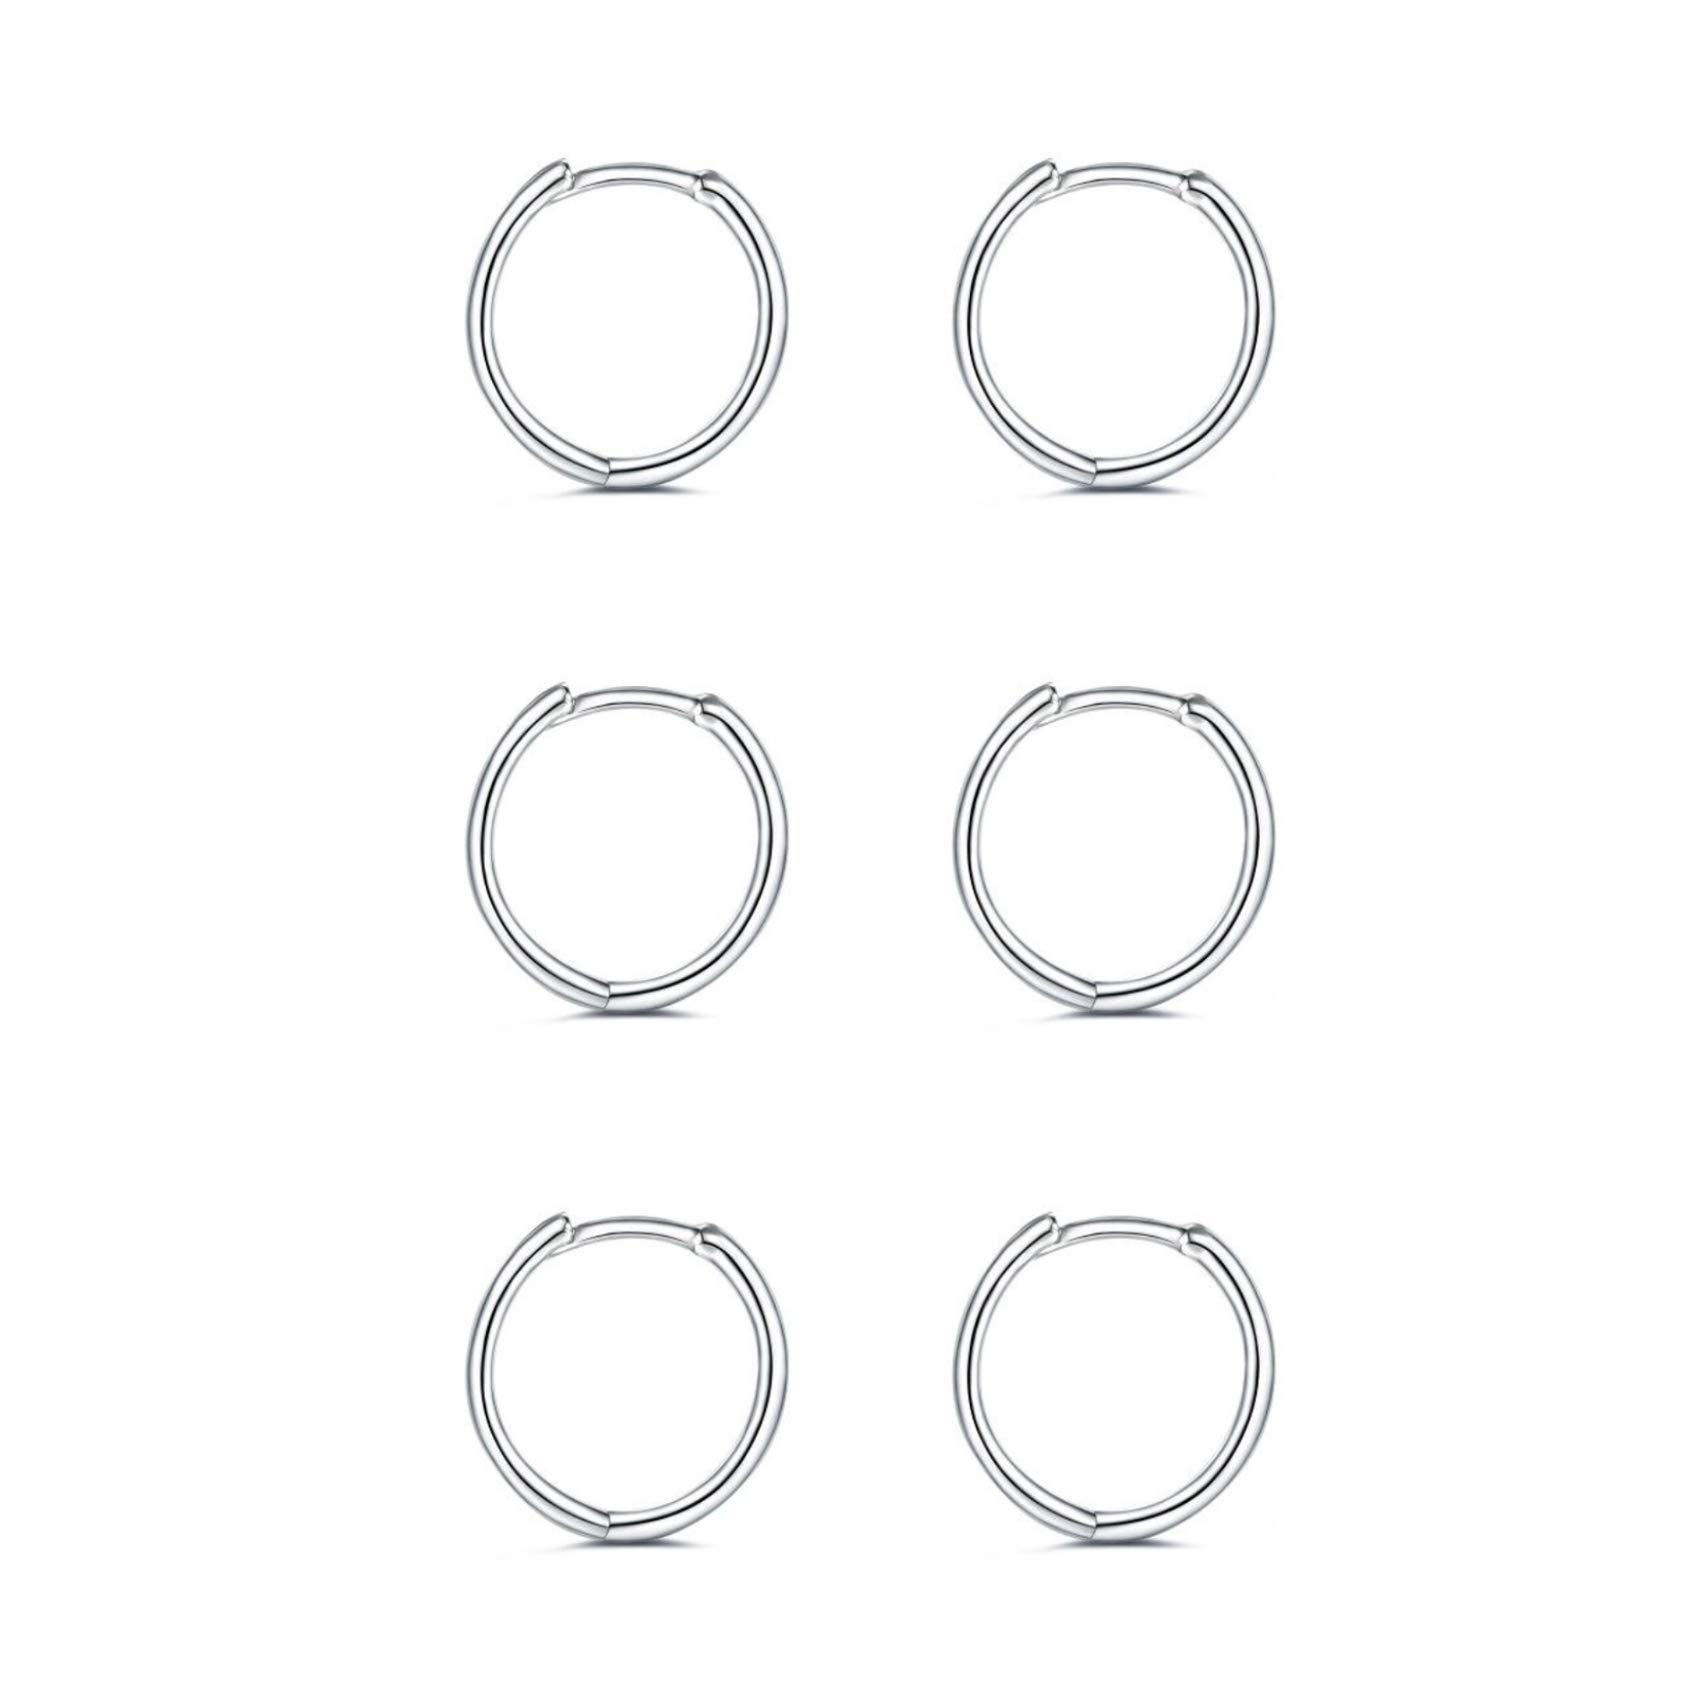 925 Sterling Silver Small Hoop Earrings - 14K White Gold Plated Silver Hoop Earrings | Tiny Endless Huggie Hoop Earring Cartilage Earrings for Women/Girls/Men/Teens